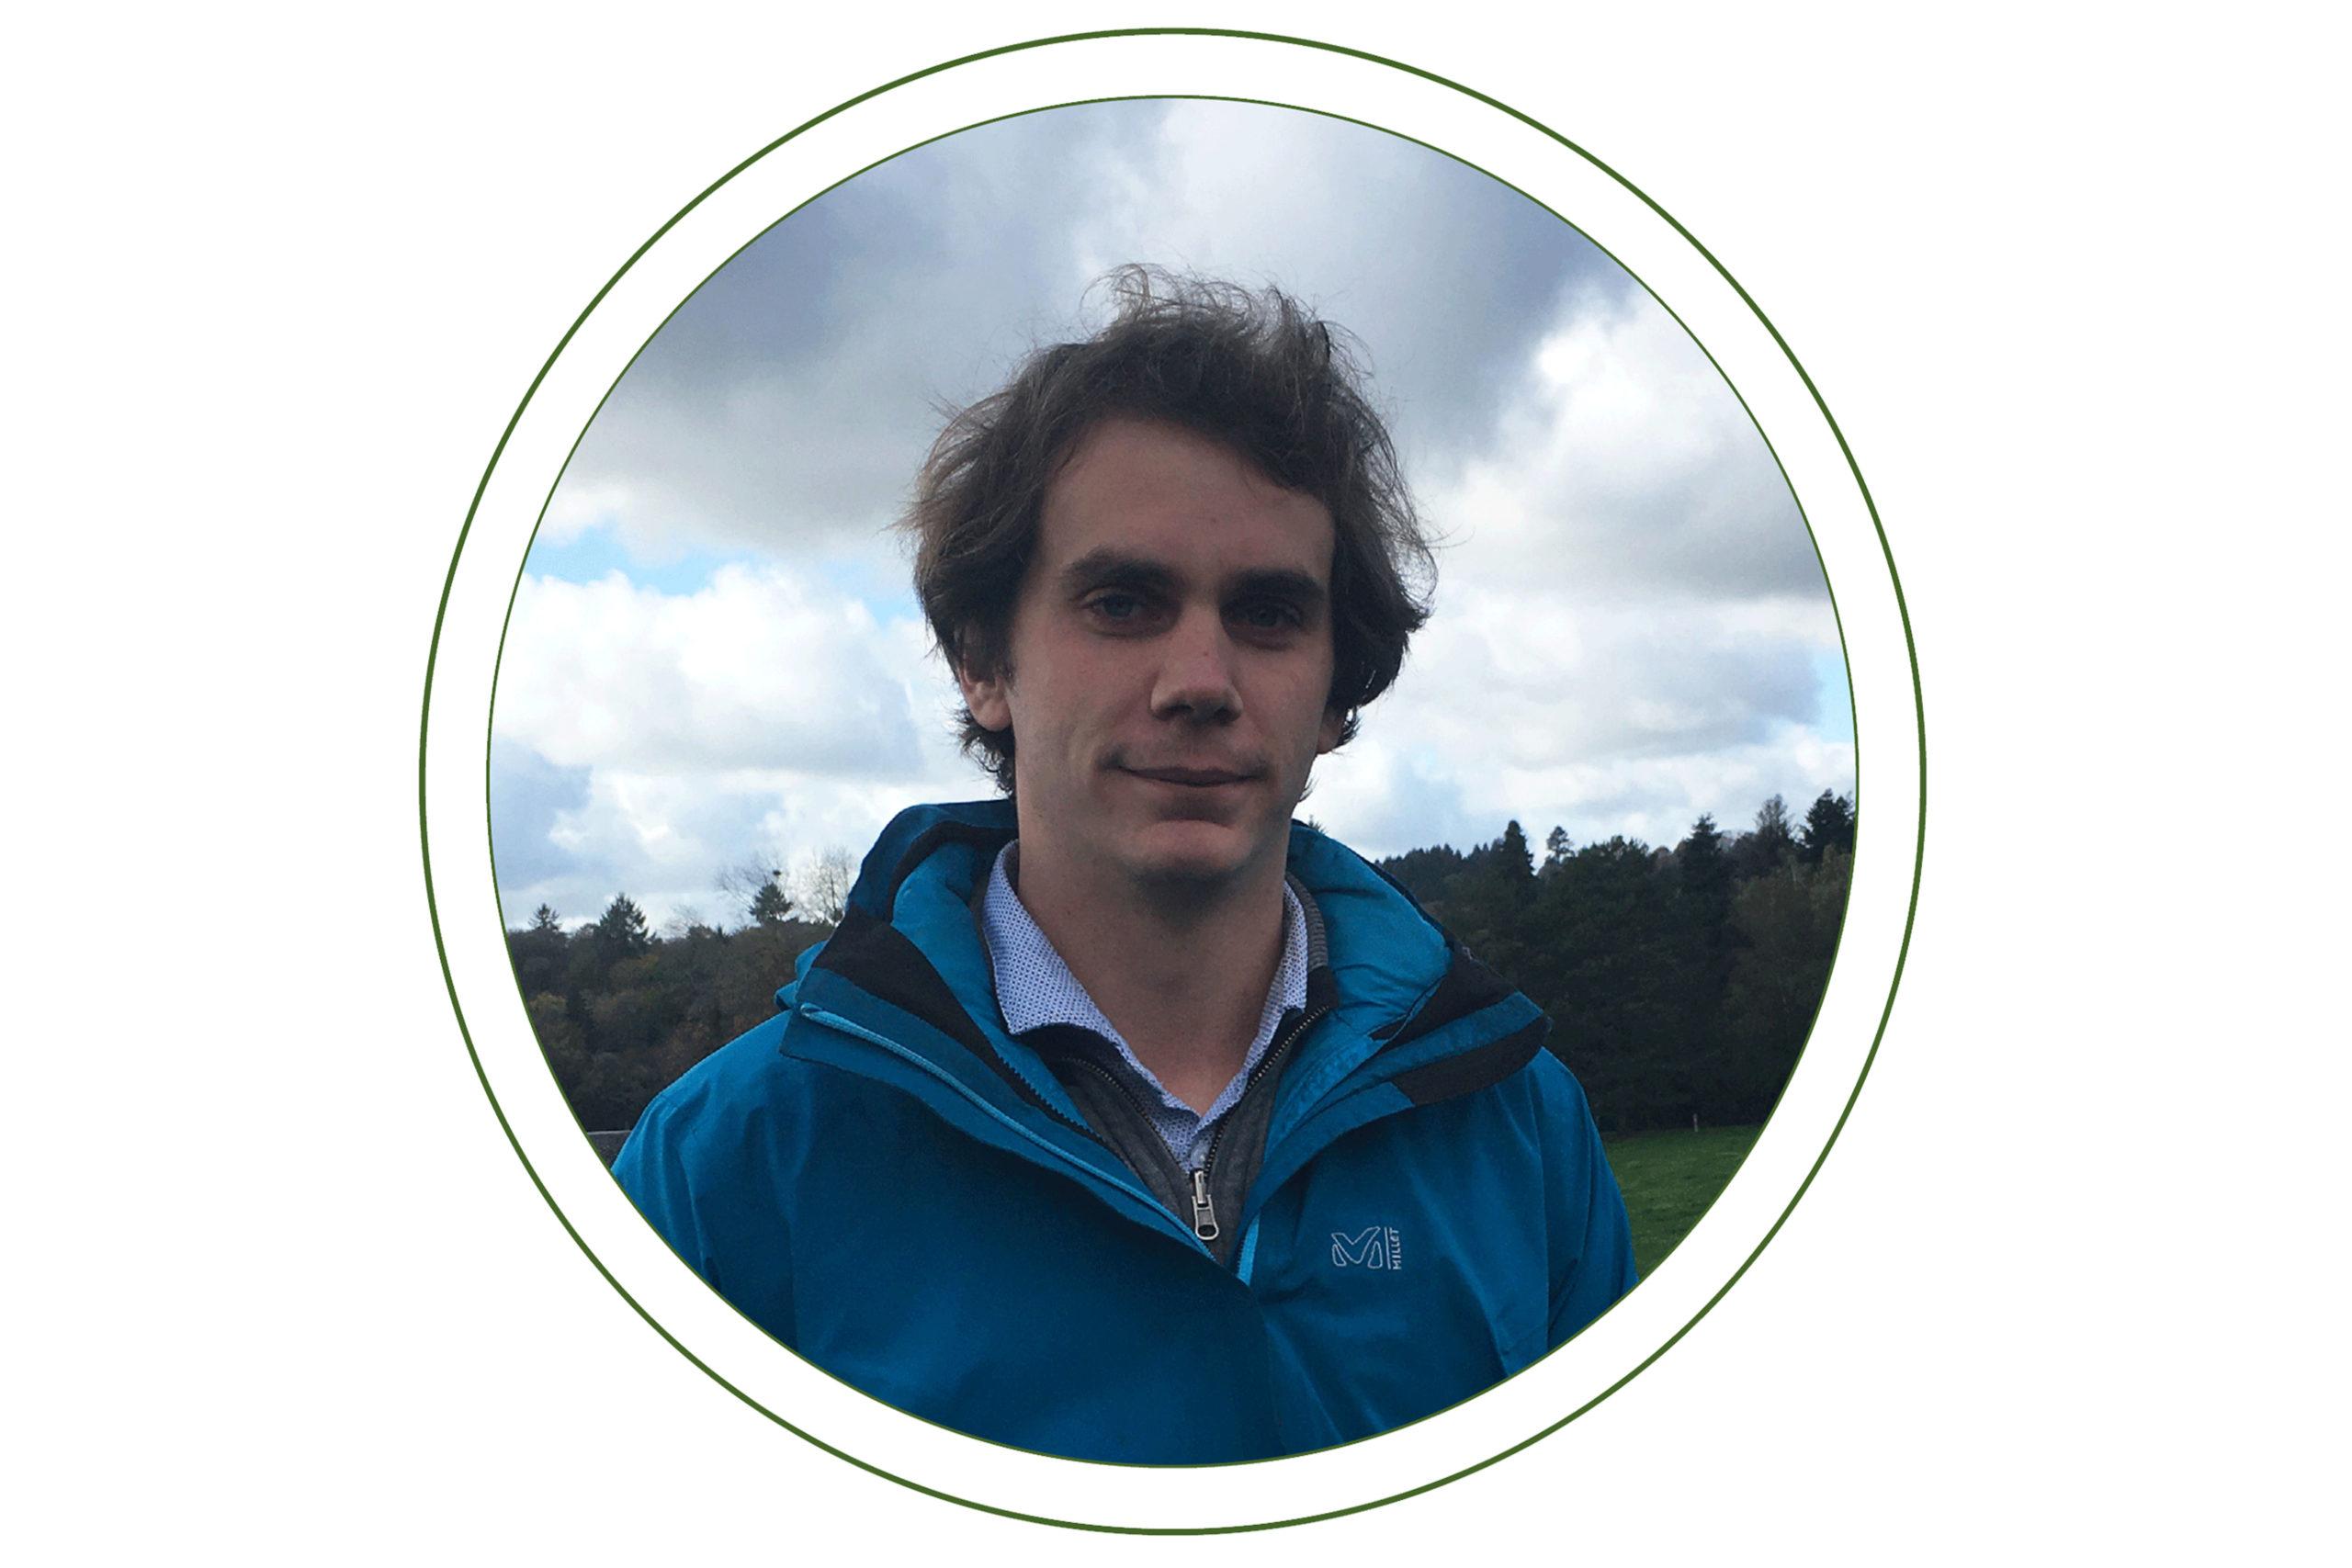 Témoignage de Yohann Toutain, directeur de l'exploitation agricole du Lycée agricole Edgard Pisani de Tulle-Naves